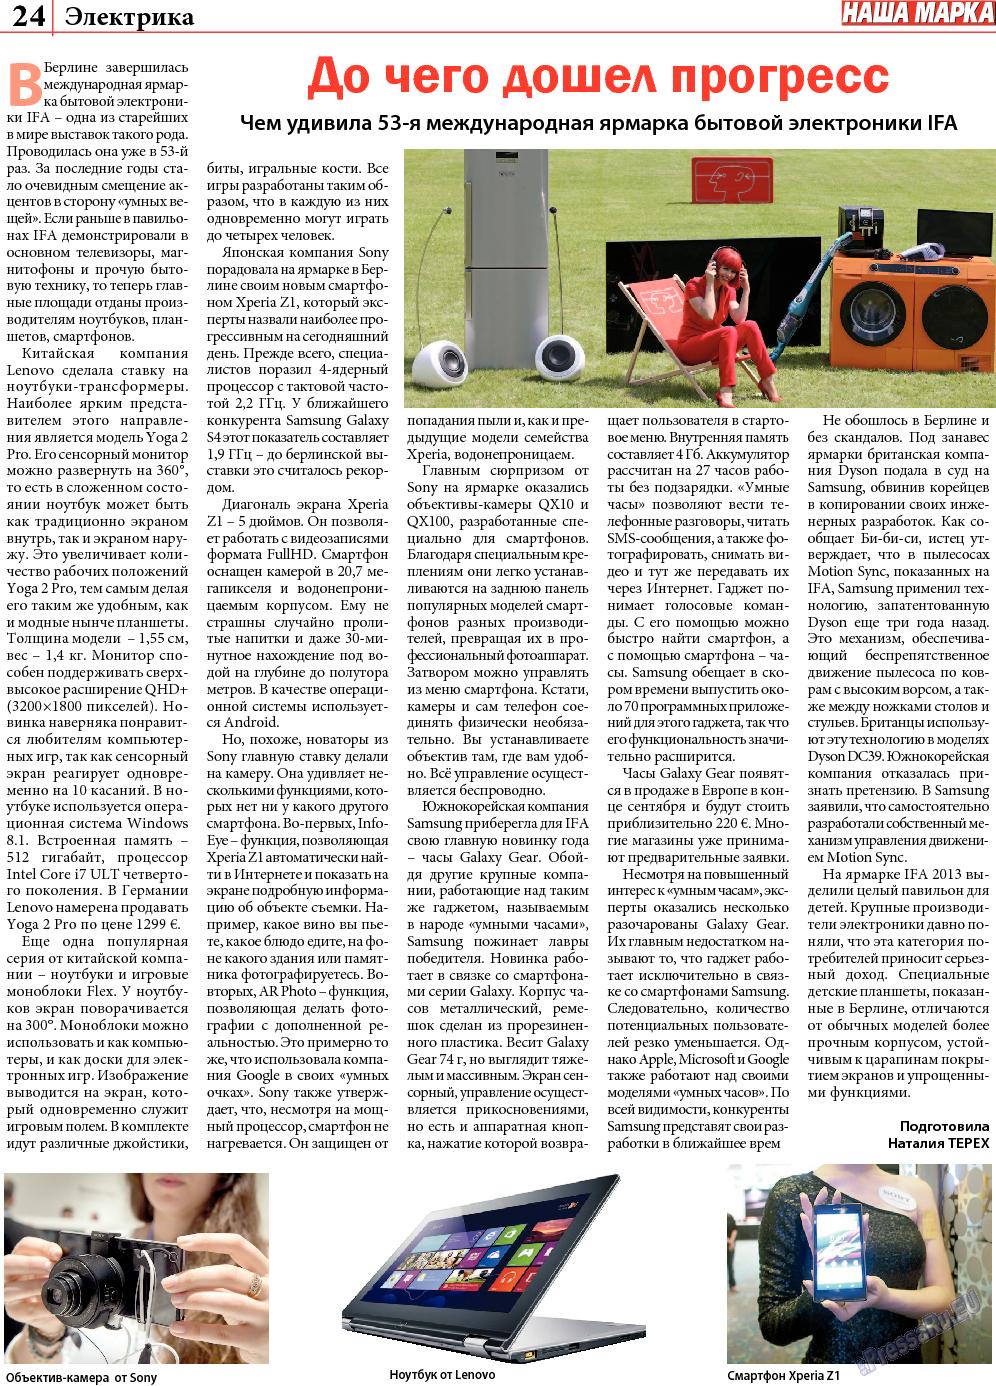 Наша марка (газета). 2013 год, номер 10, стр. 24